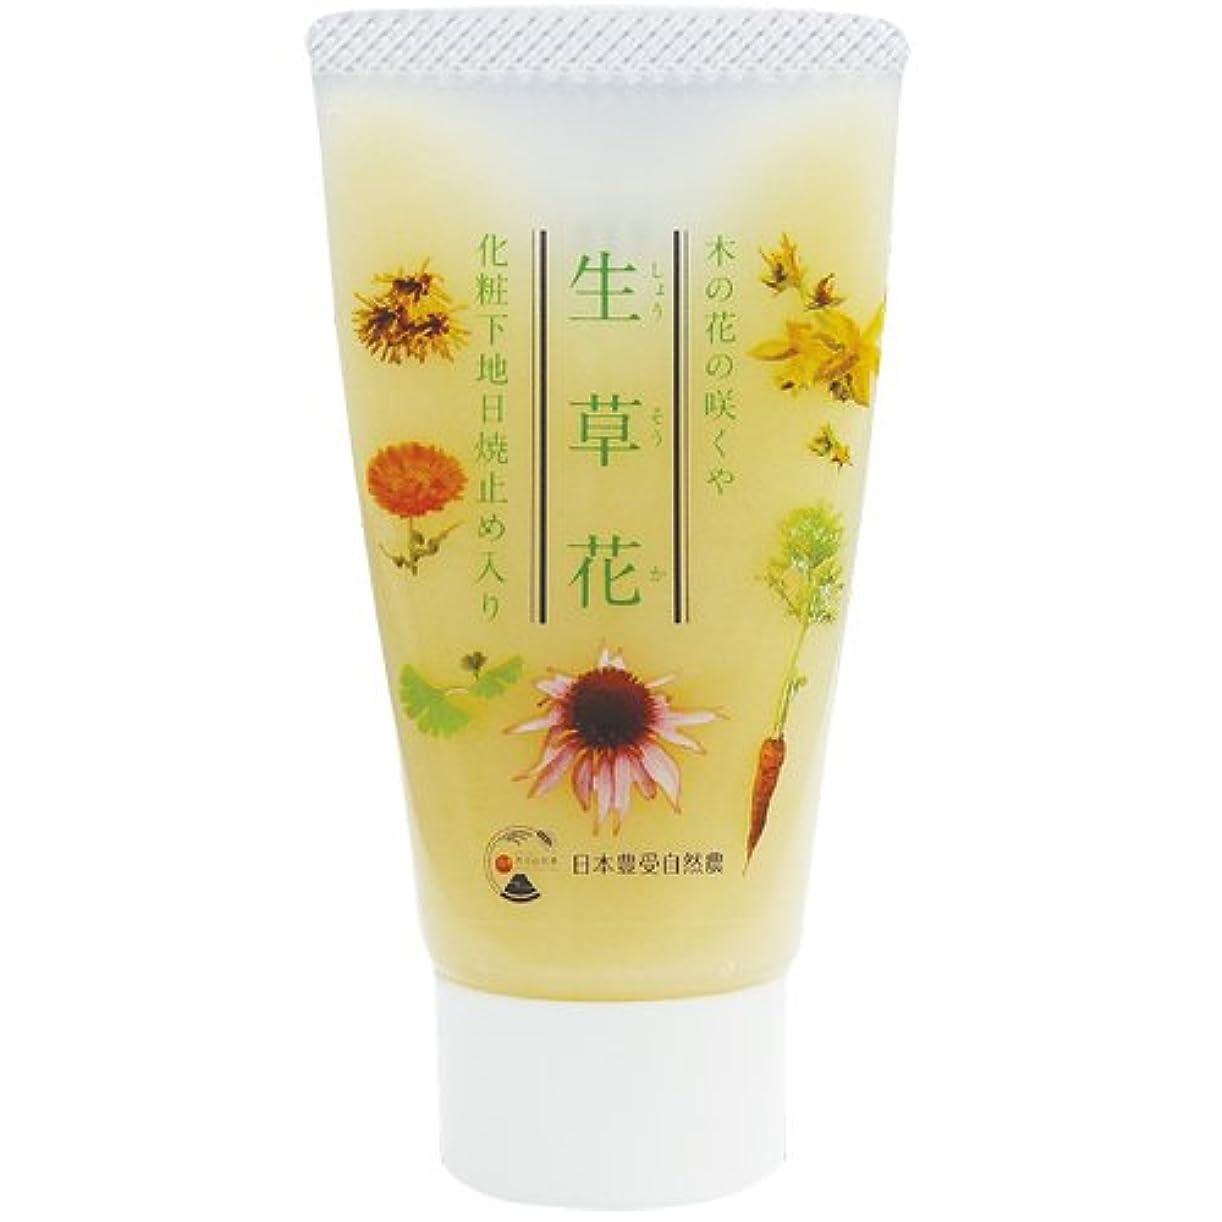 ペフ強い側面日本豊受自然農 木の花の咲くや 生草花 化粧下地 日焼け止め入り 30g